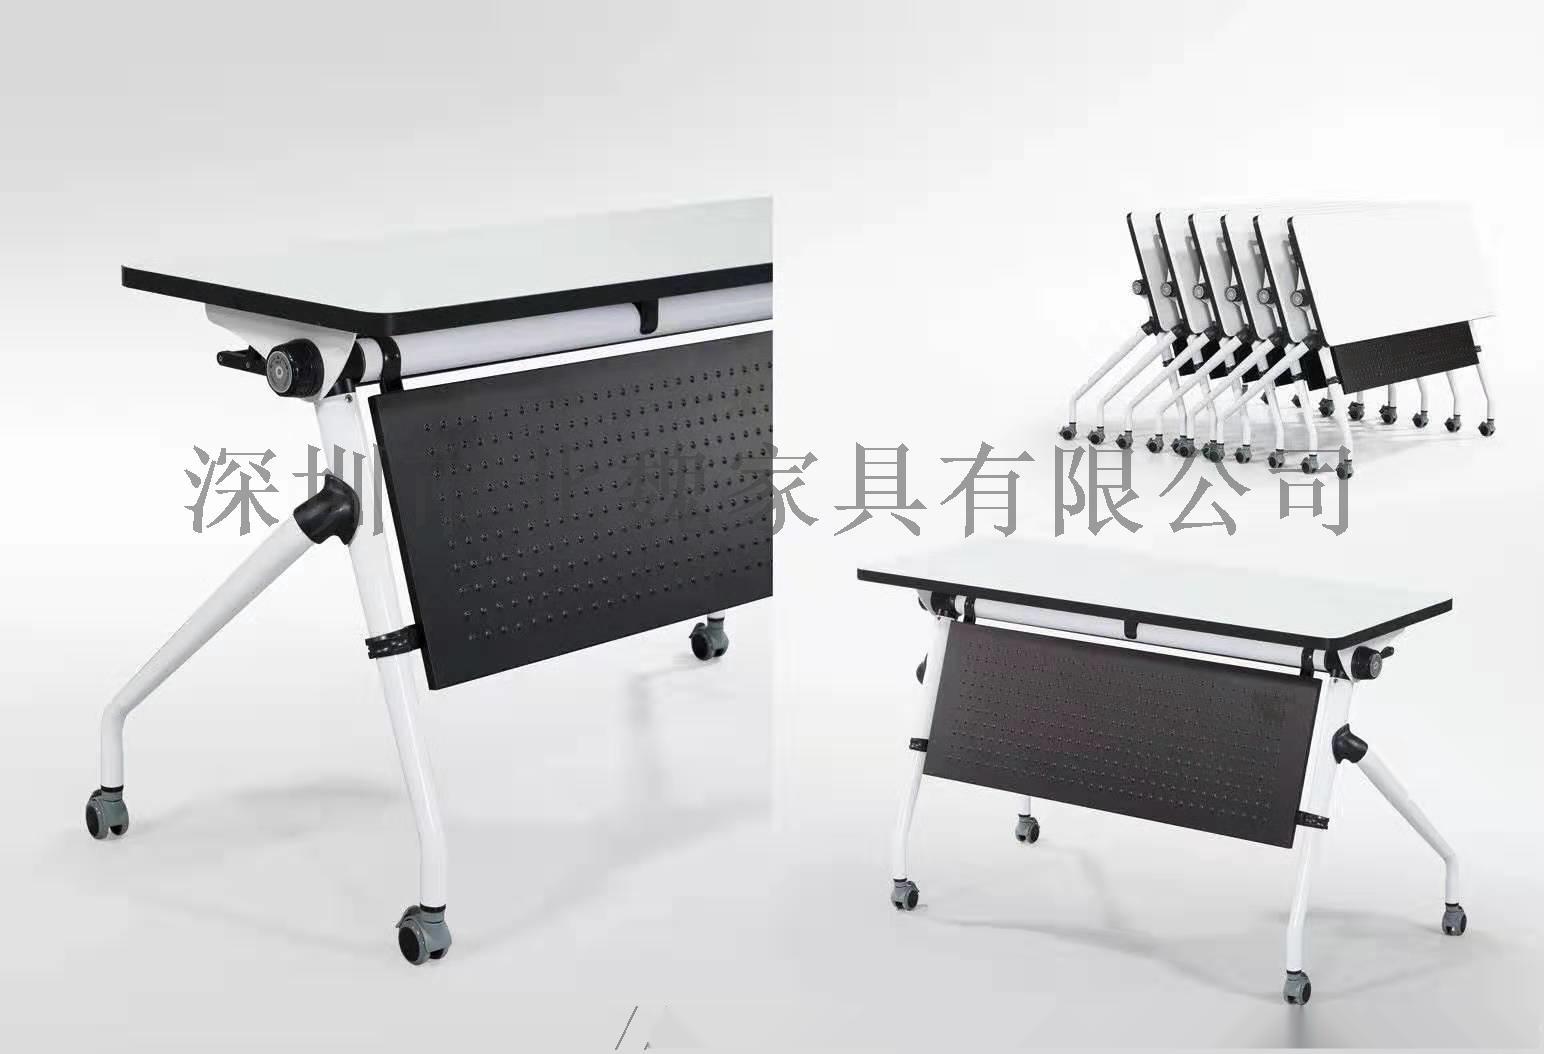 大学生课桌椅、多功能铝合金课桌椅、写字板座椅课桌、学生椅、学生课桌椅123069585